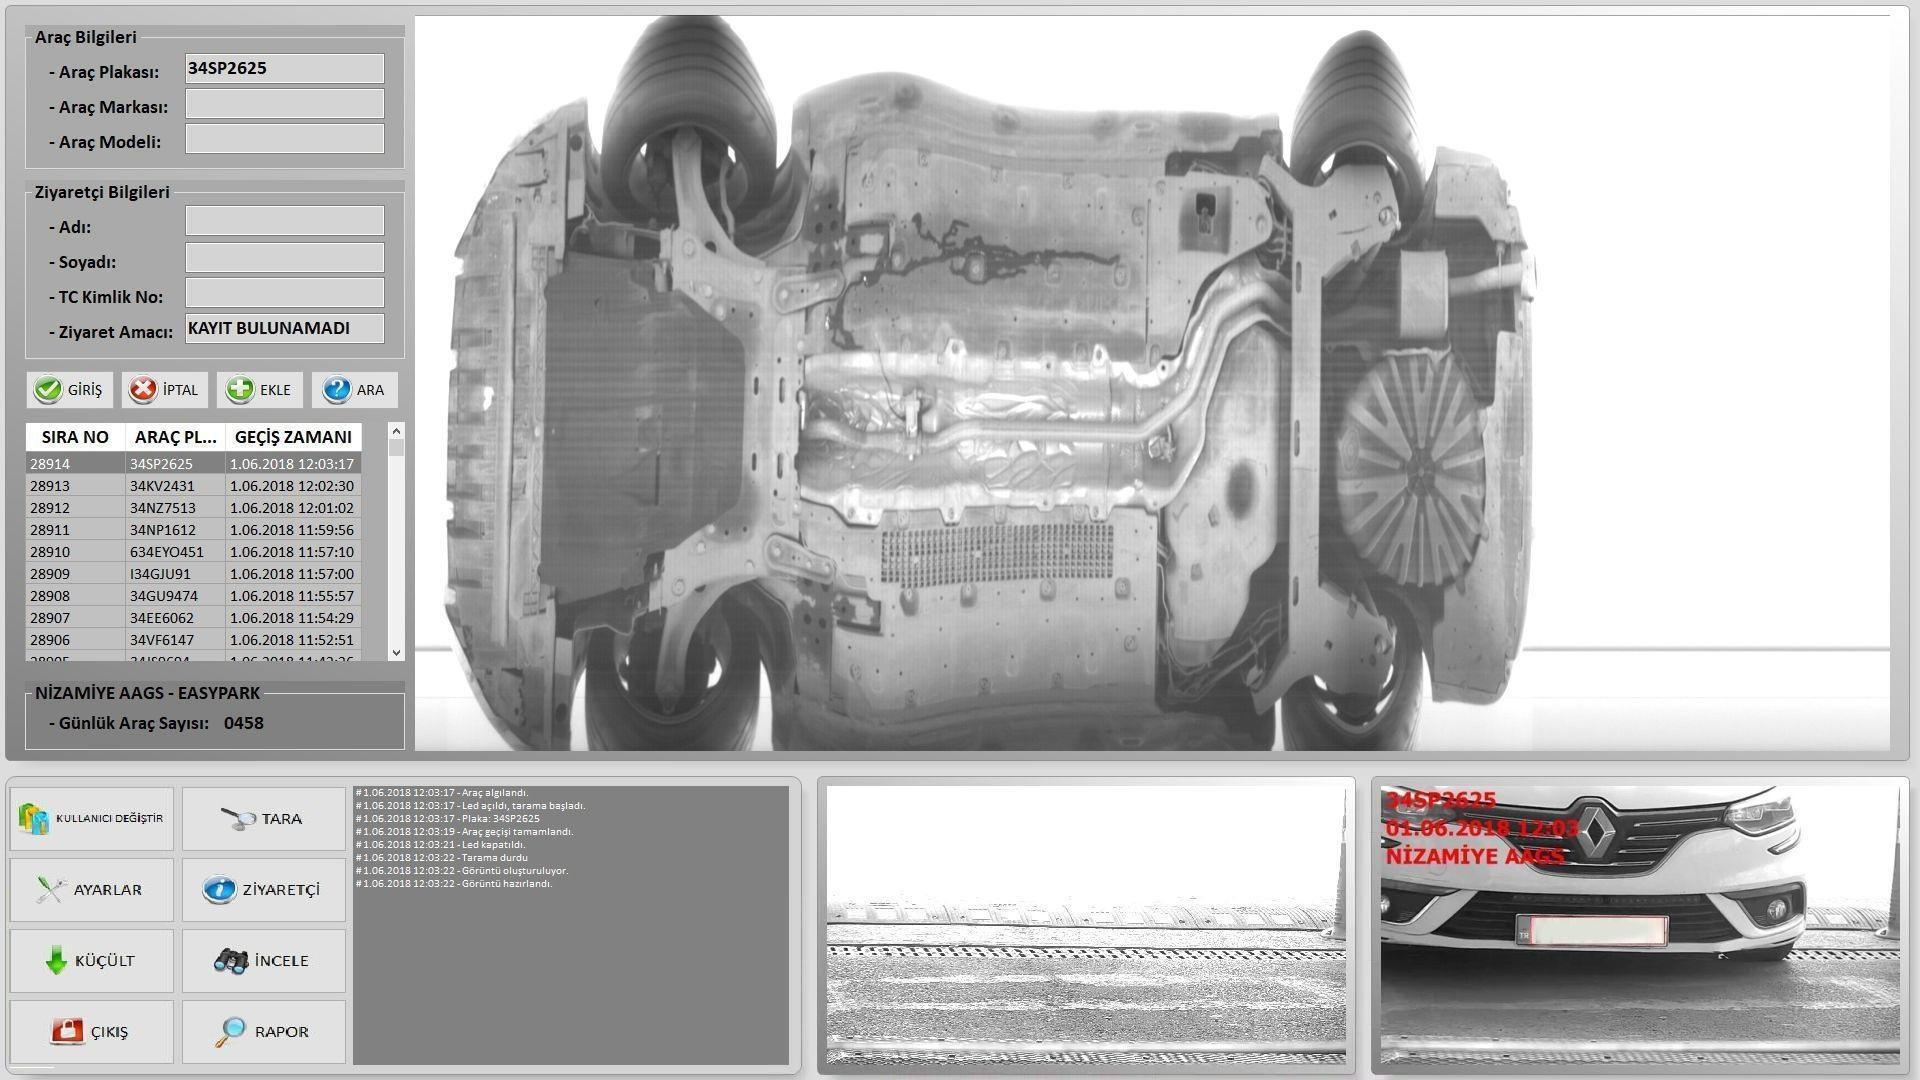 Araç Altı Görüntüleme Sistemi (Kameralı)